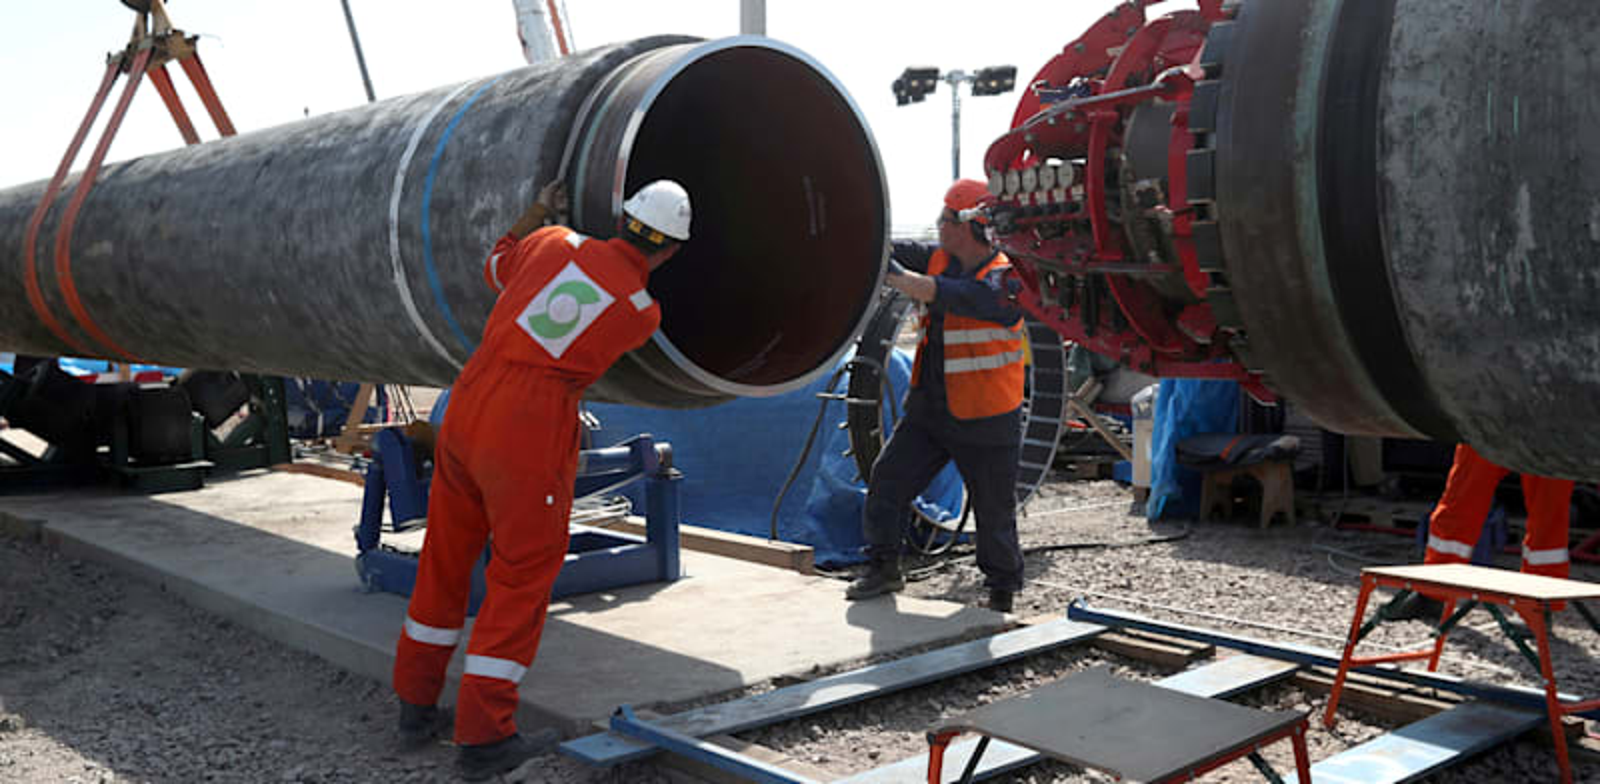 פועלים עובדים על צינור הנפט נורד סטרים 2 ב-2019 / צילום: Reuters, Anton Vaganov